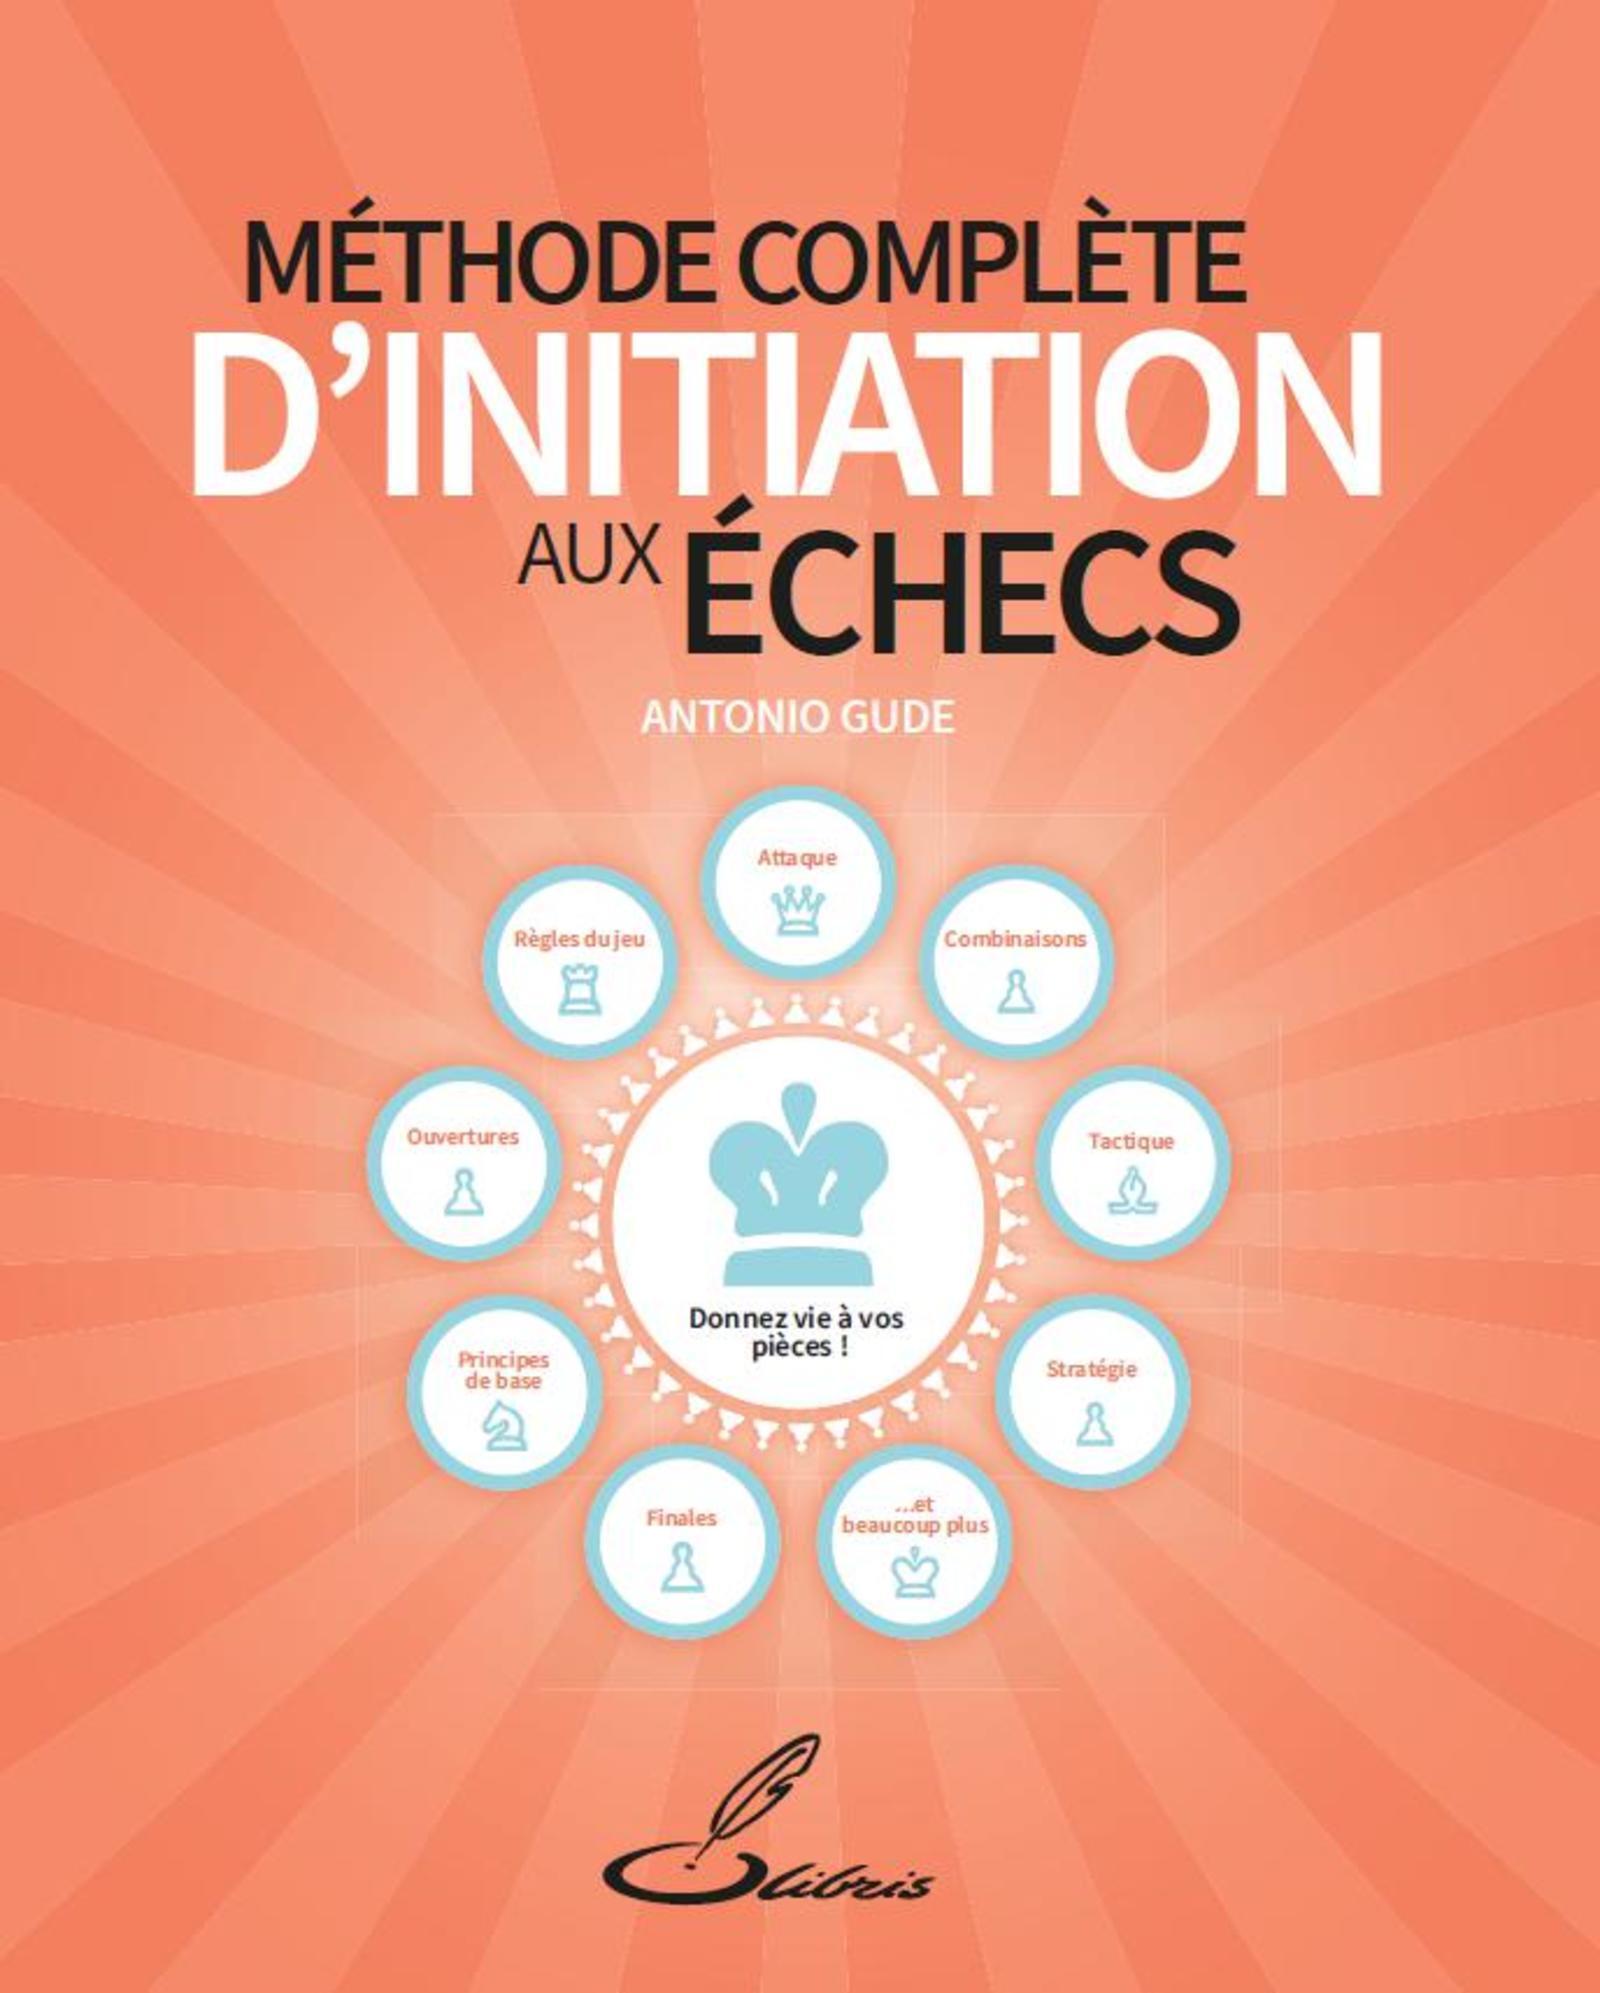 METHODE COMPLETE D'INITIATION AUX ECHECS